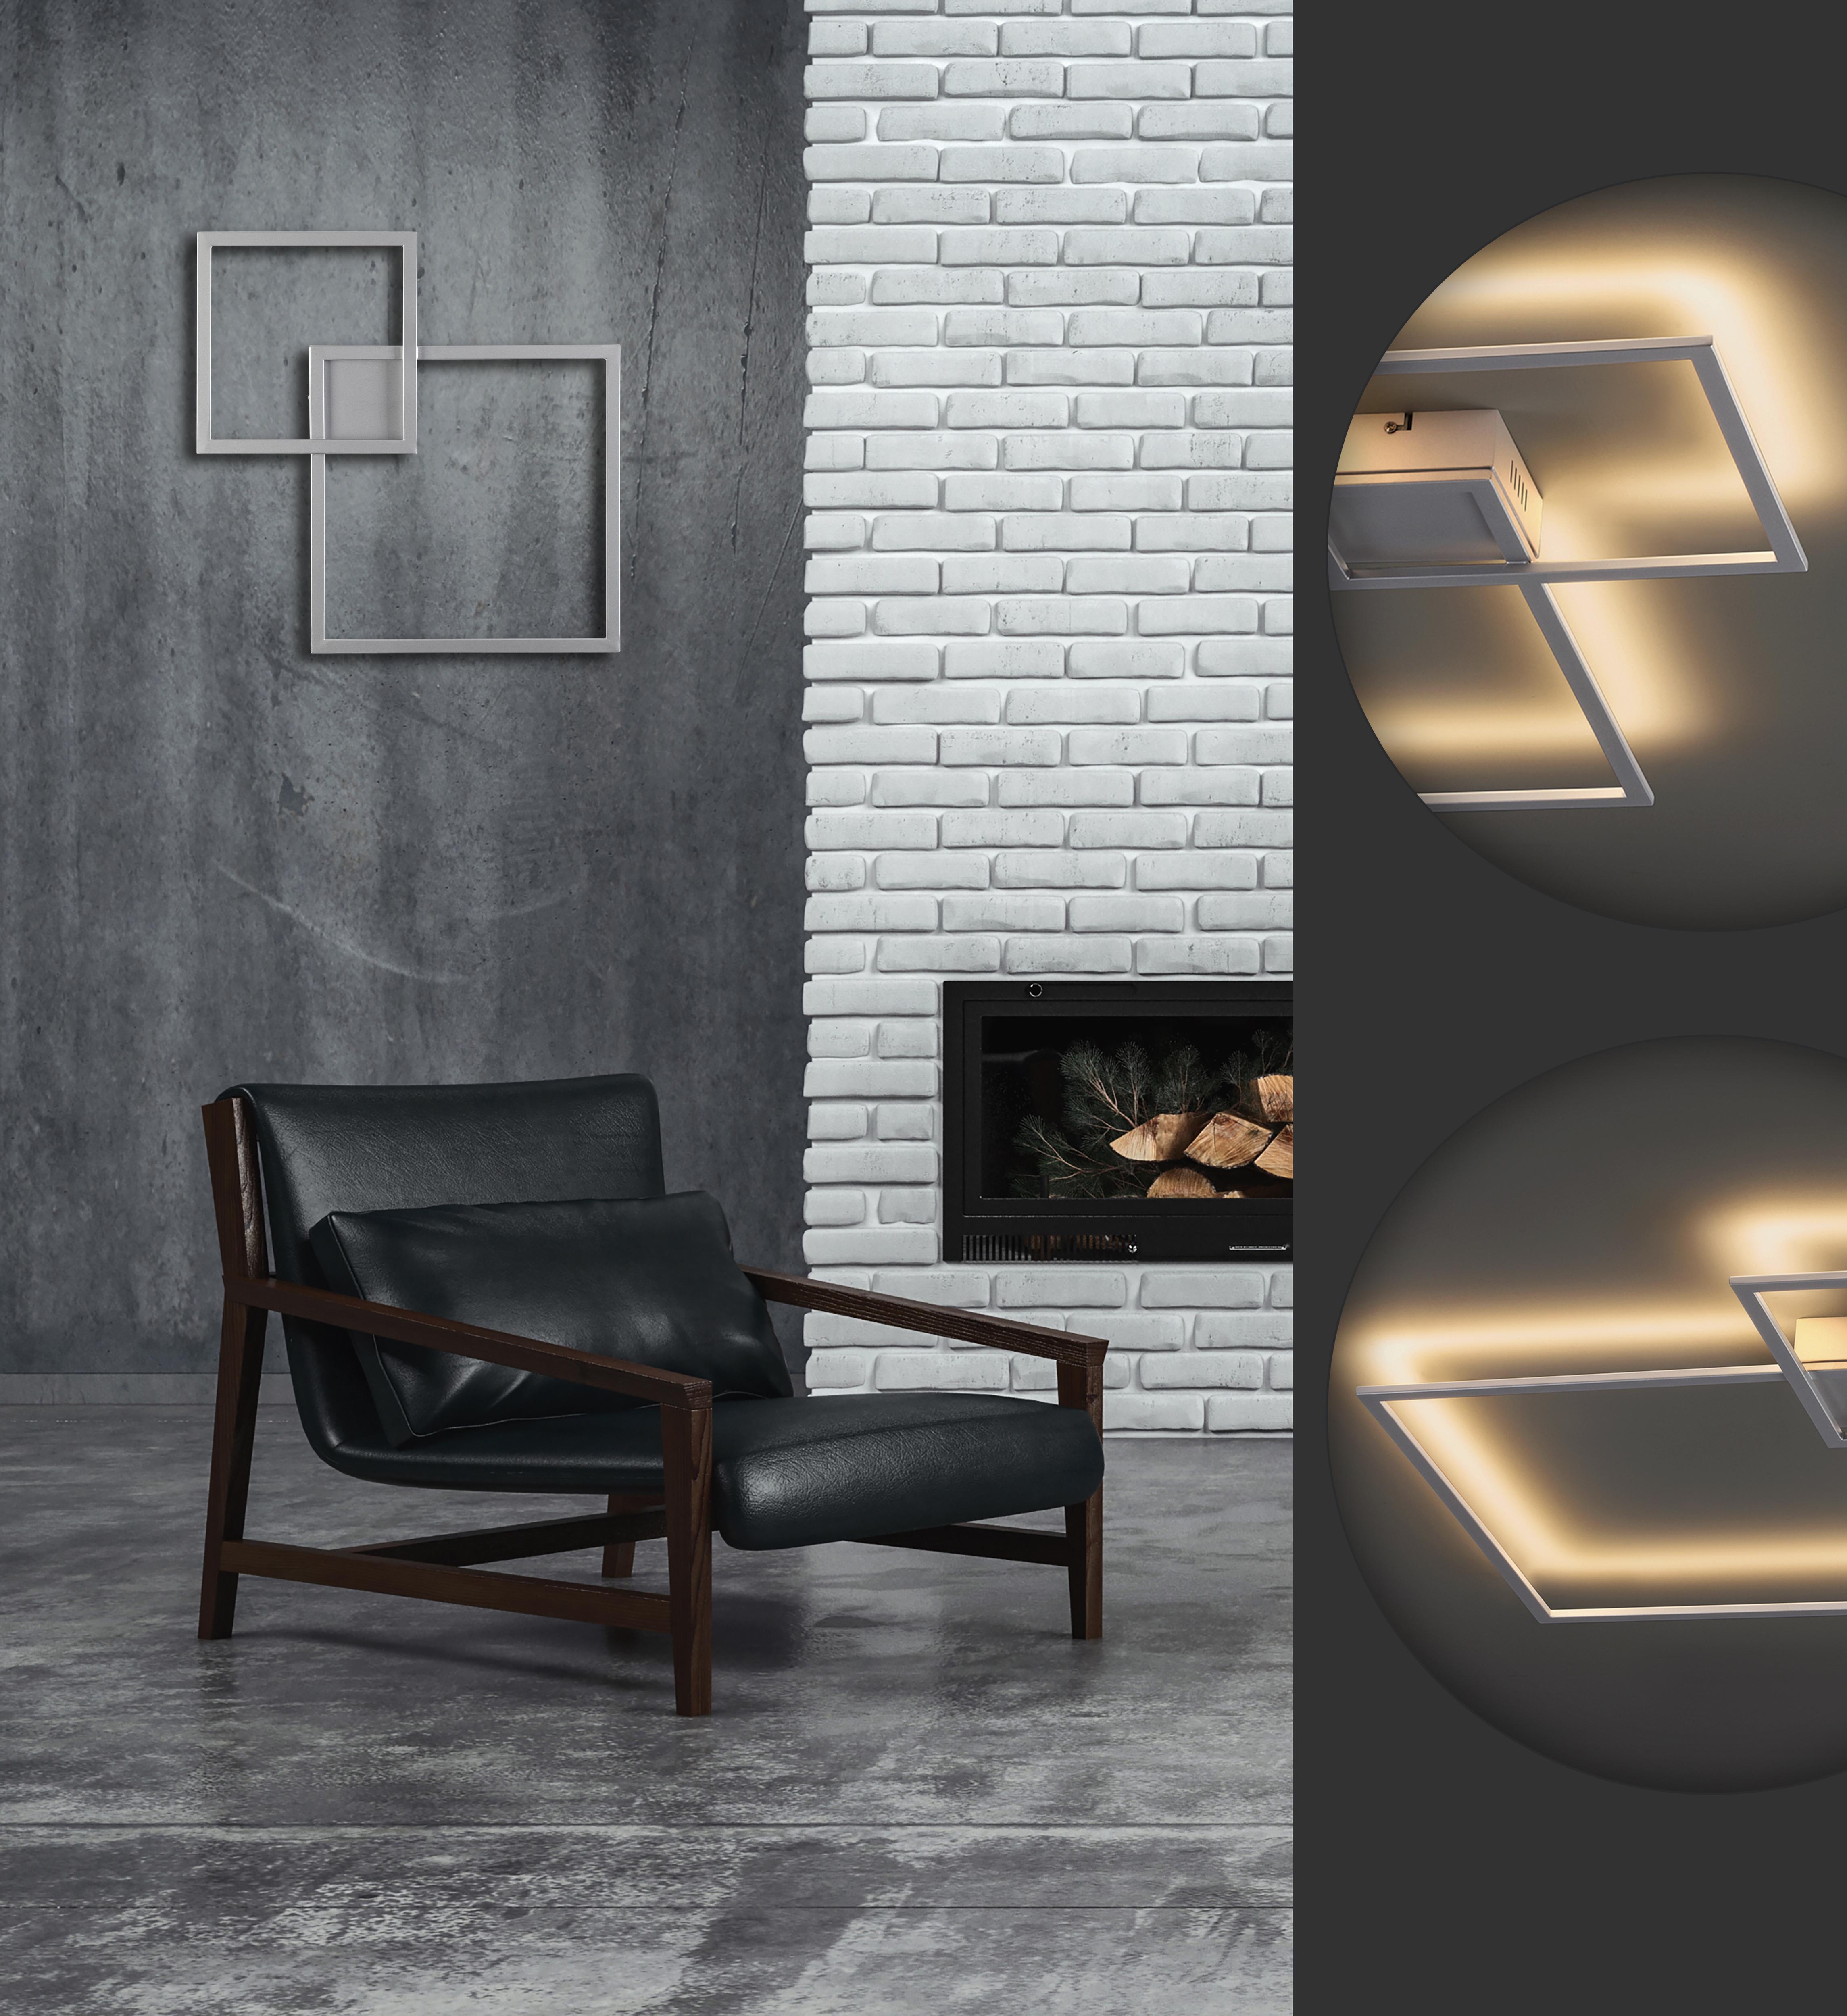 Настенный светодиодный светильник Odeon Light QuadroLED 3558/36CL, серебро, металл - фото 2